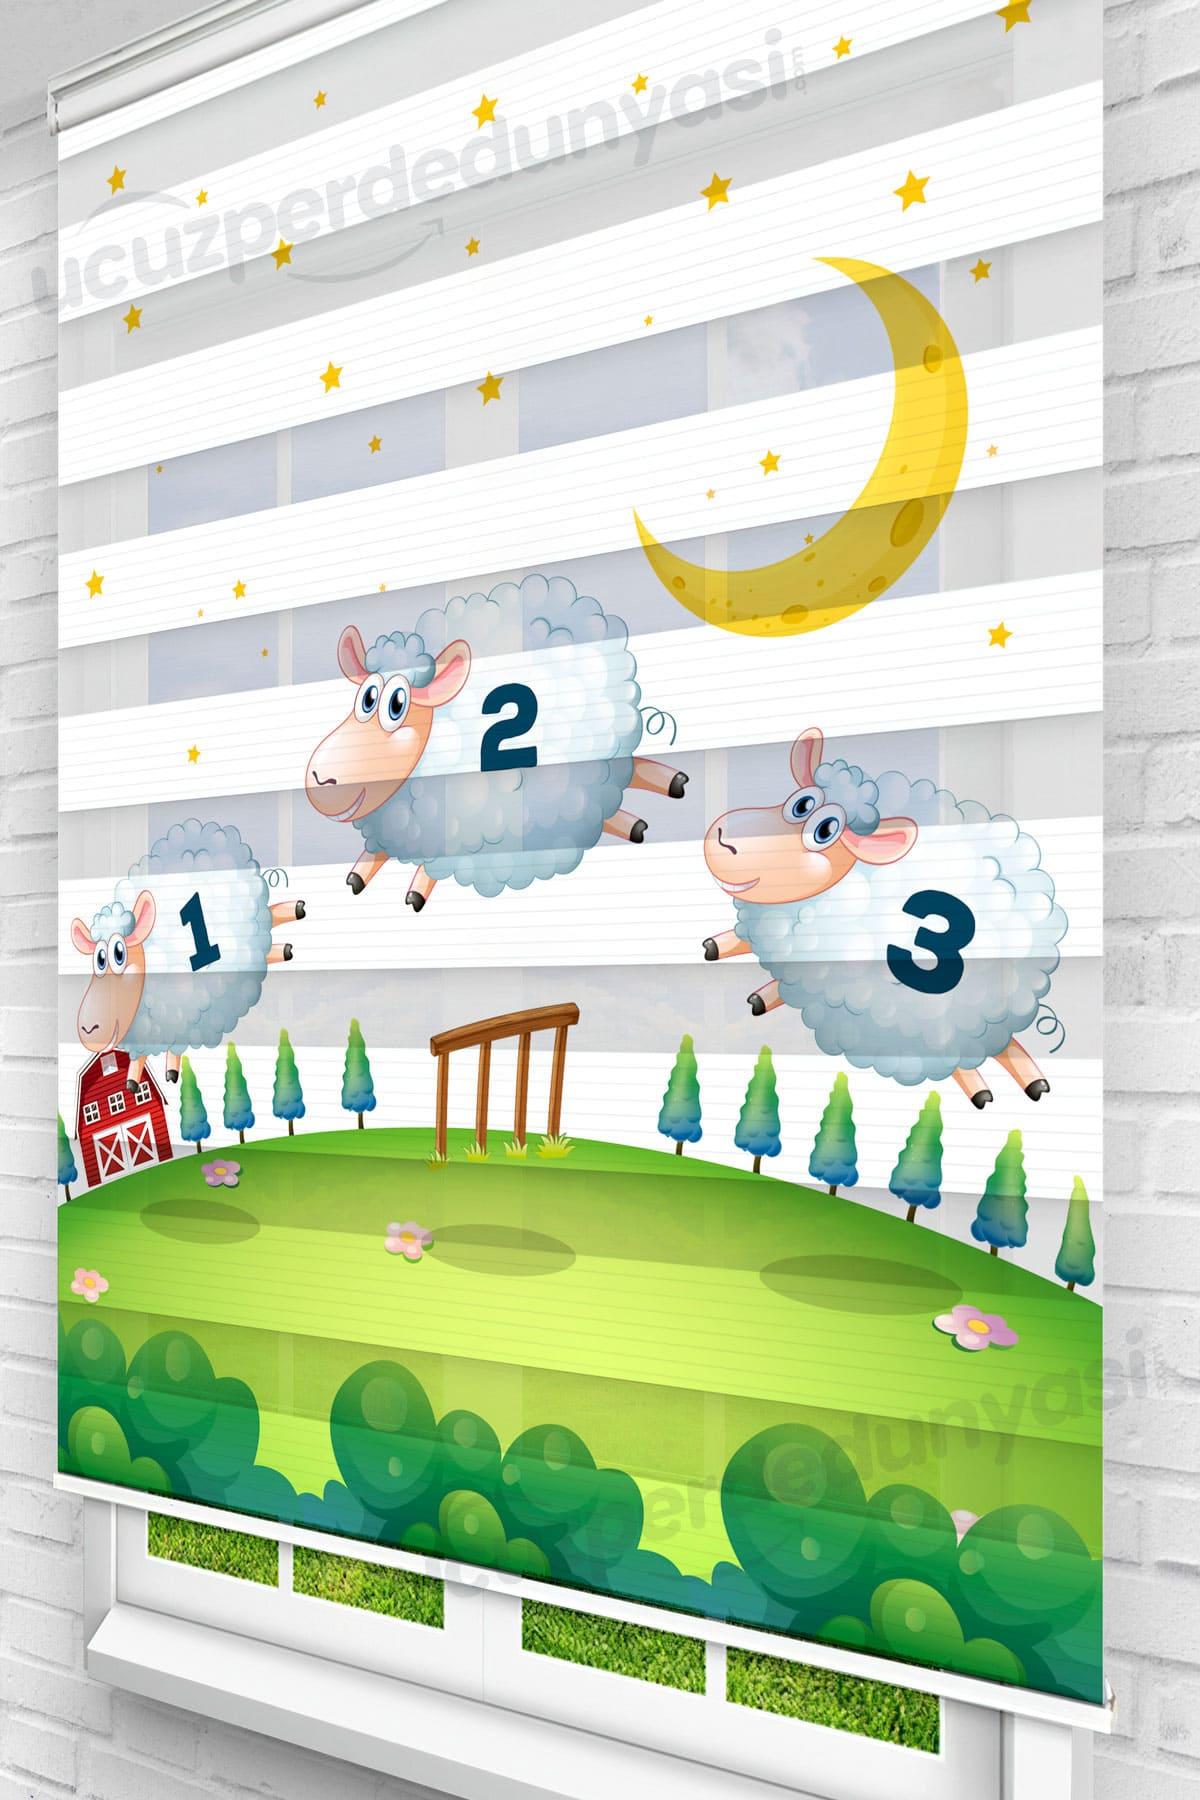 Zıplayan Kuzular Çocuk Odası Zebra Perde